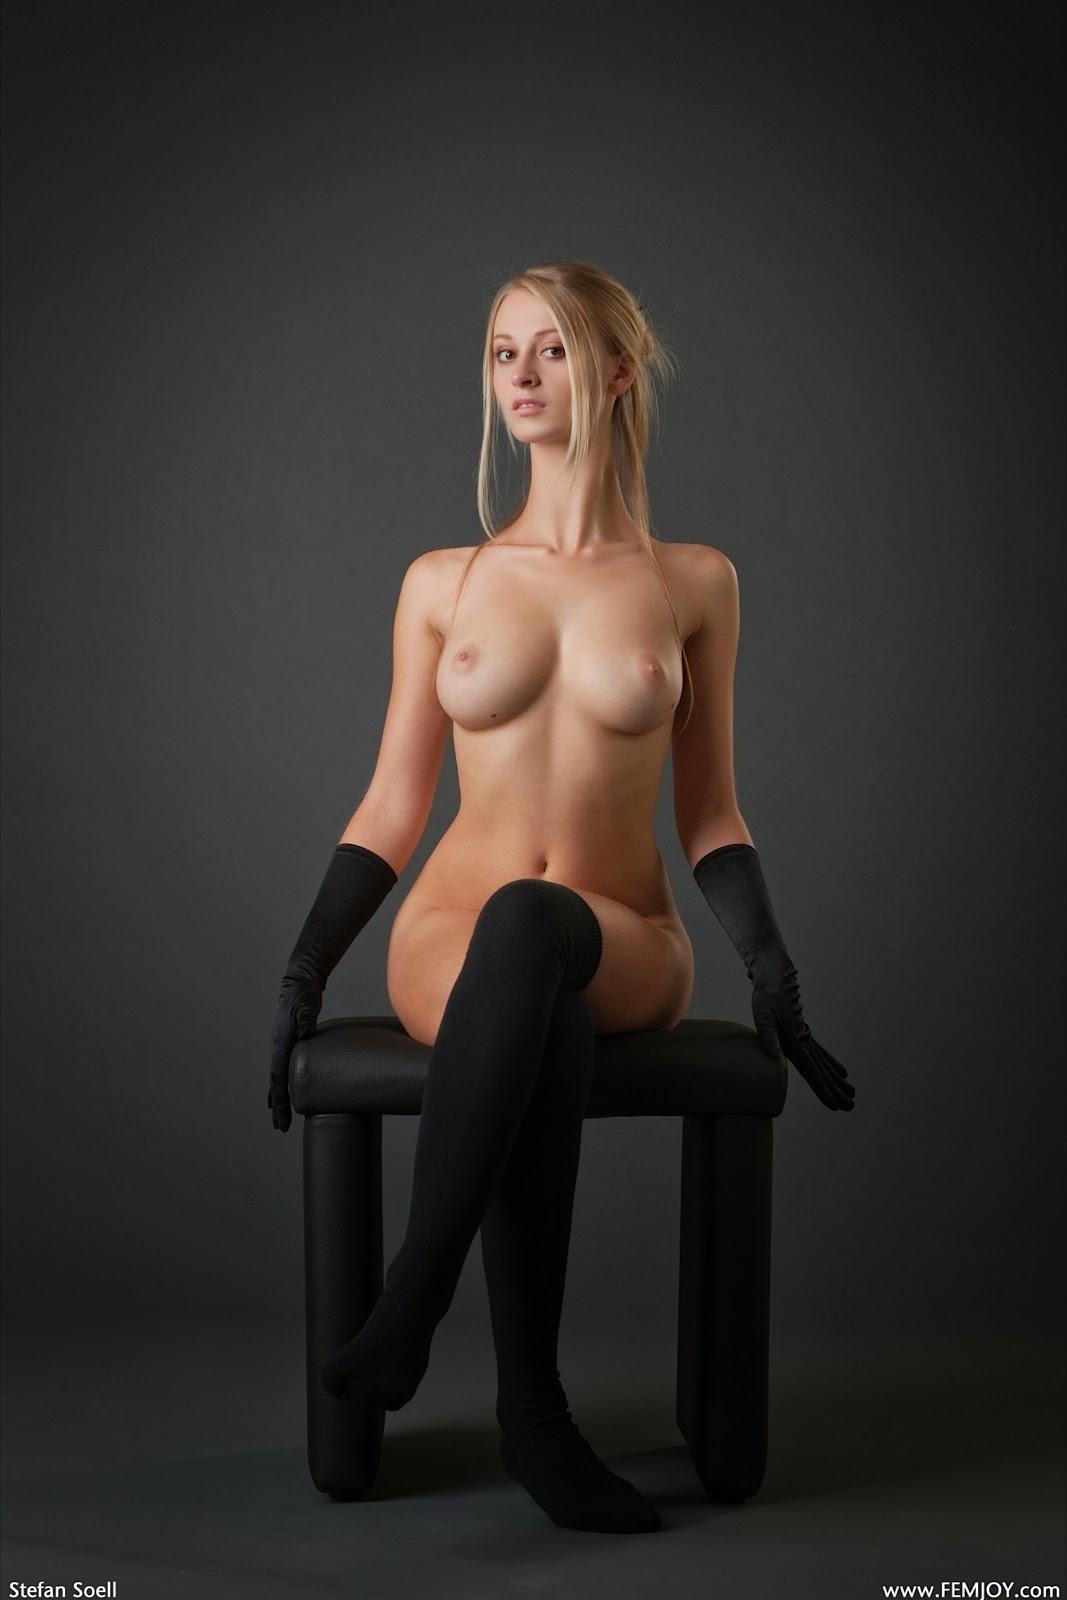 Femjoy arte desnudo puro